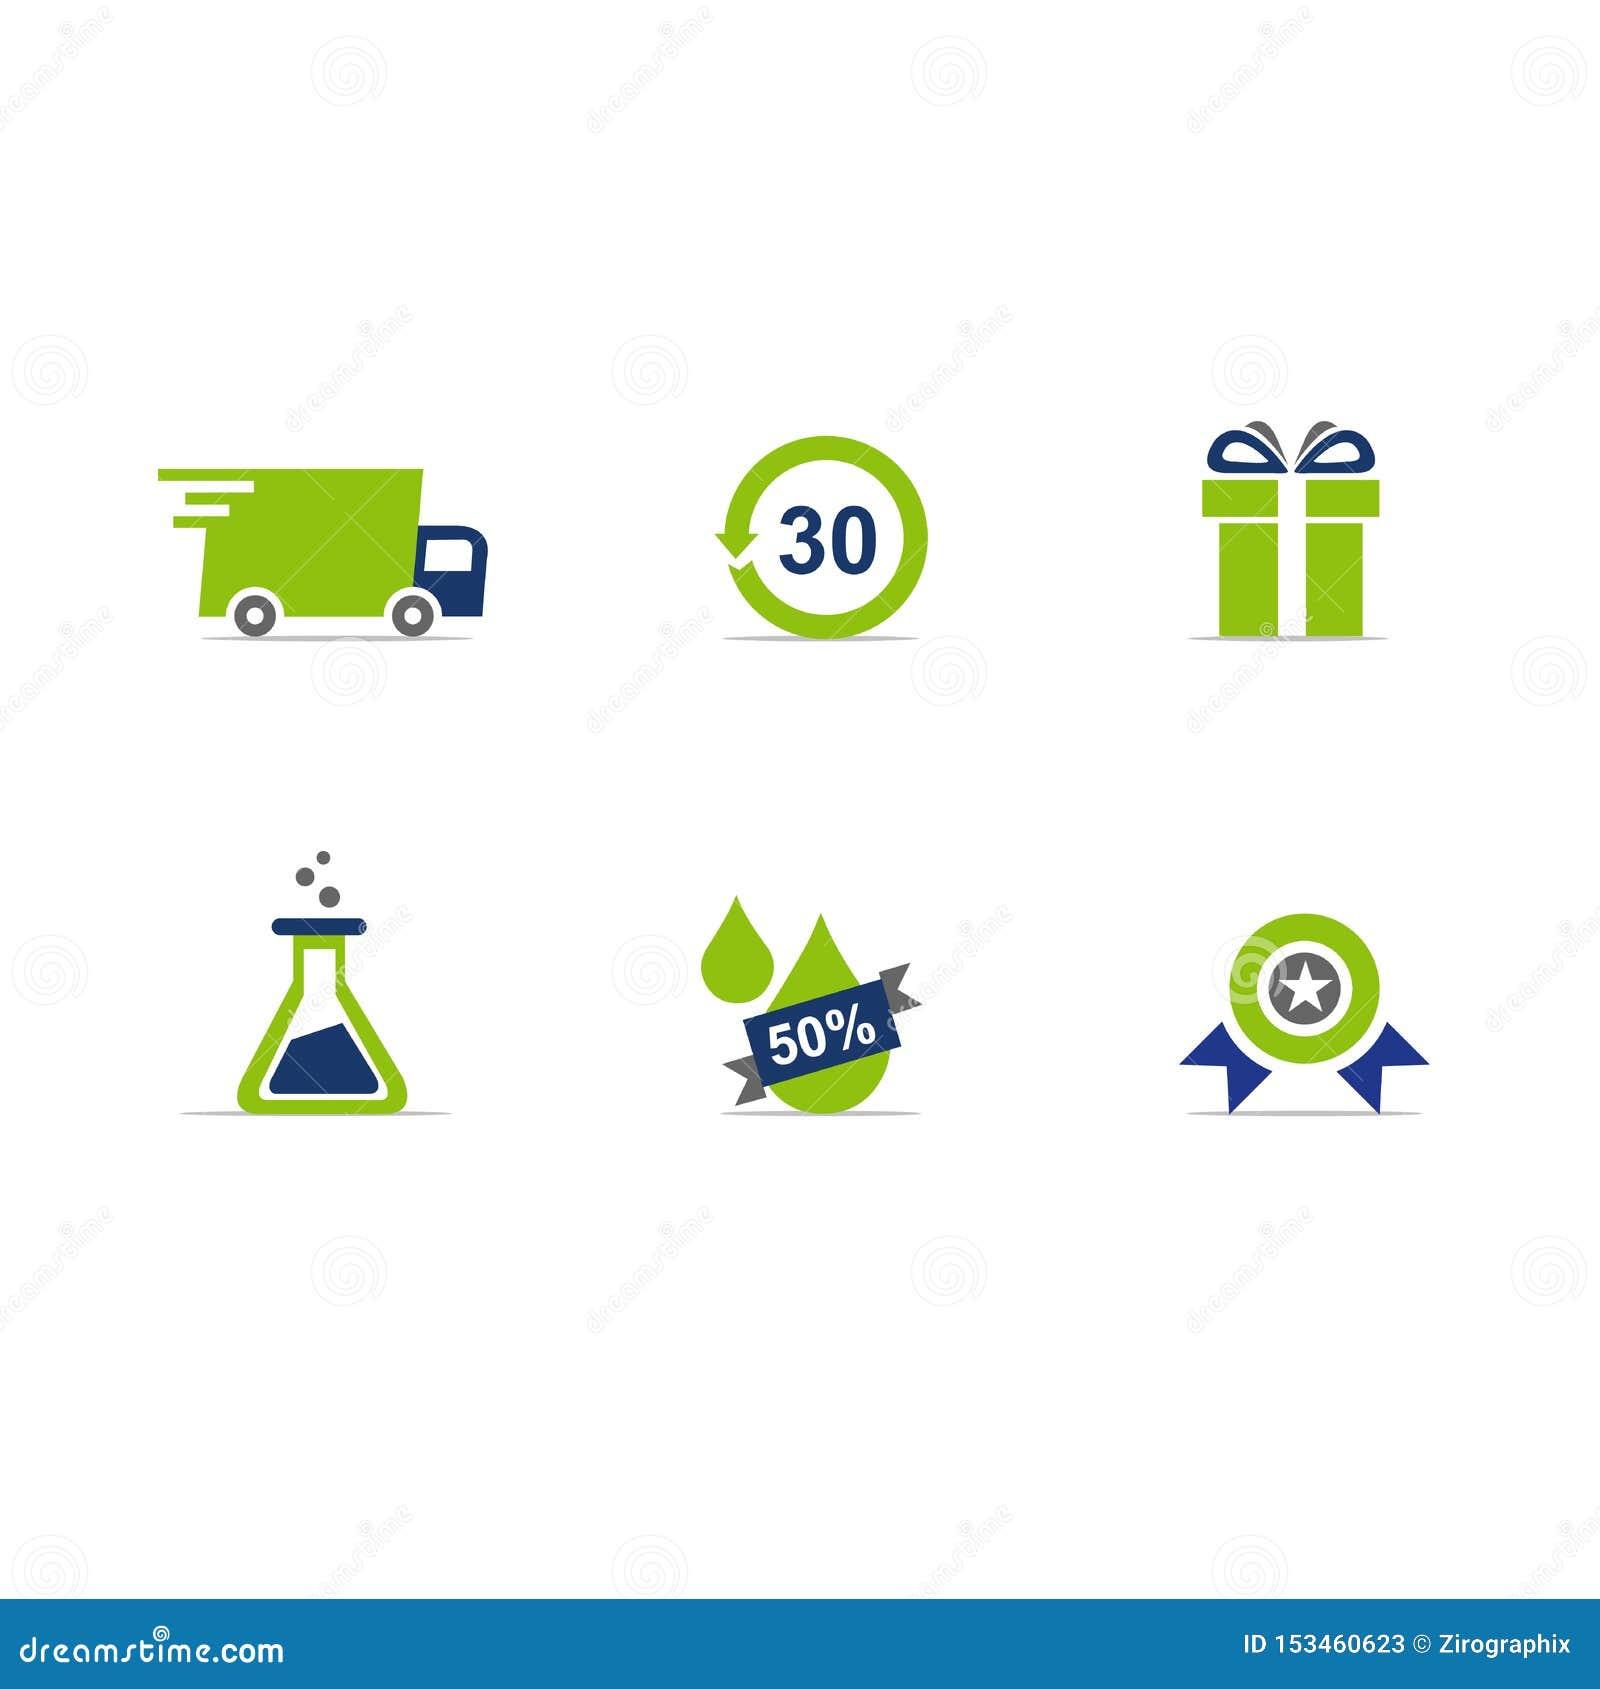 Διανυσματικό σχήμα εικονιδίων ιστοχώρου ηλεκτρονικού εμπορίου